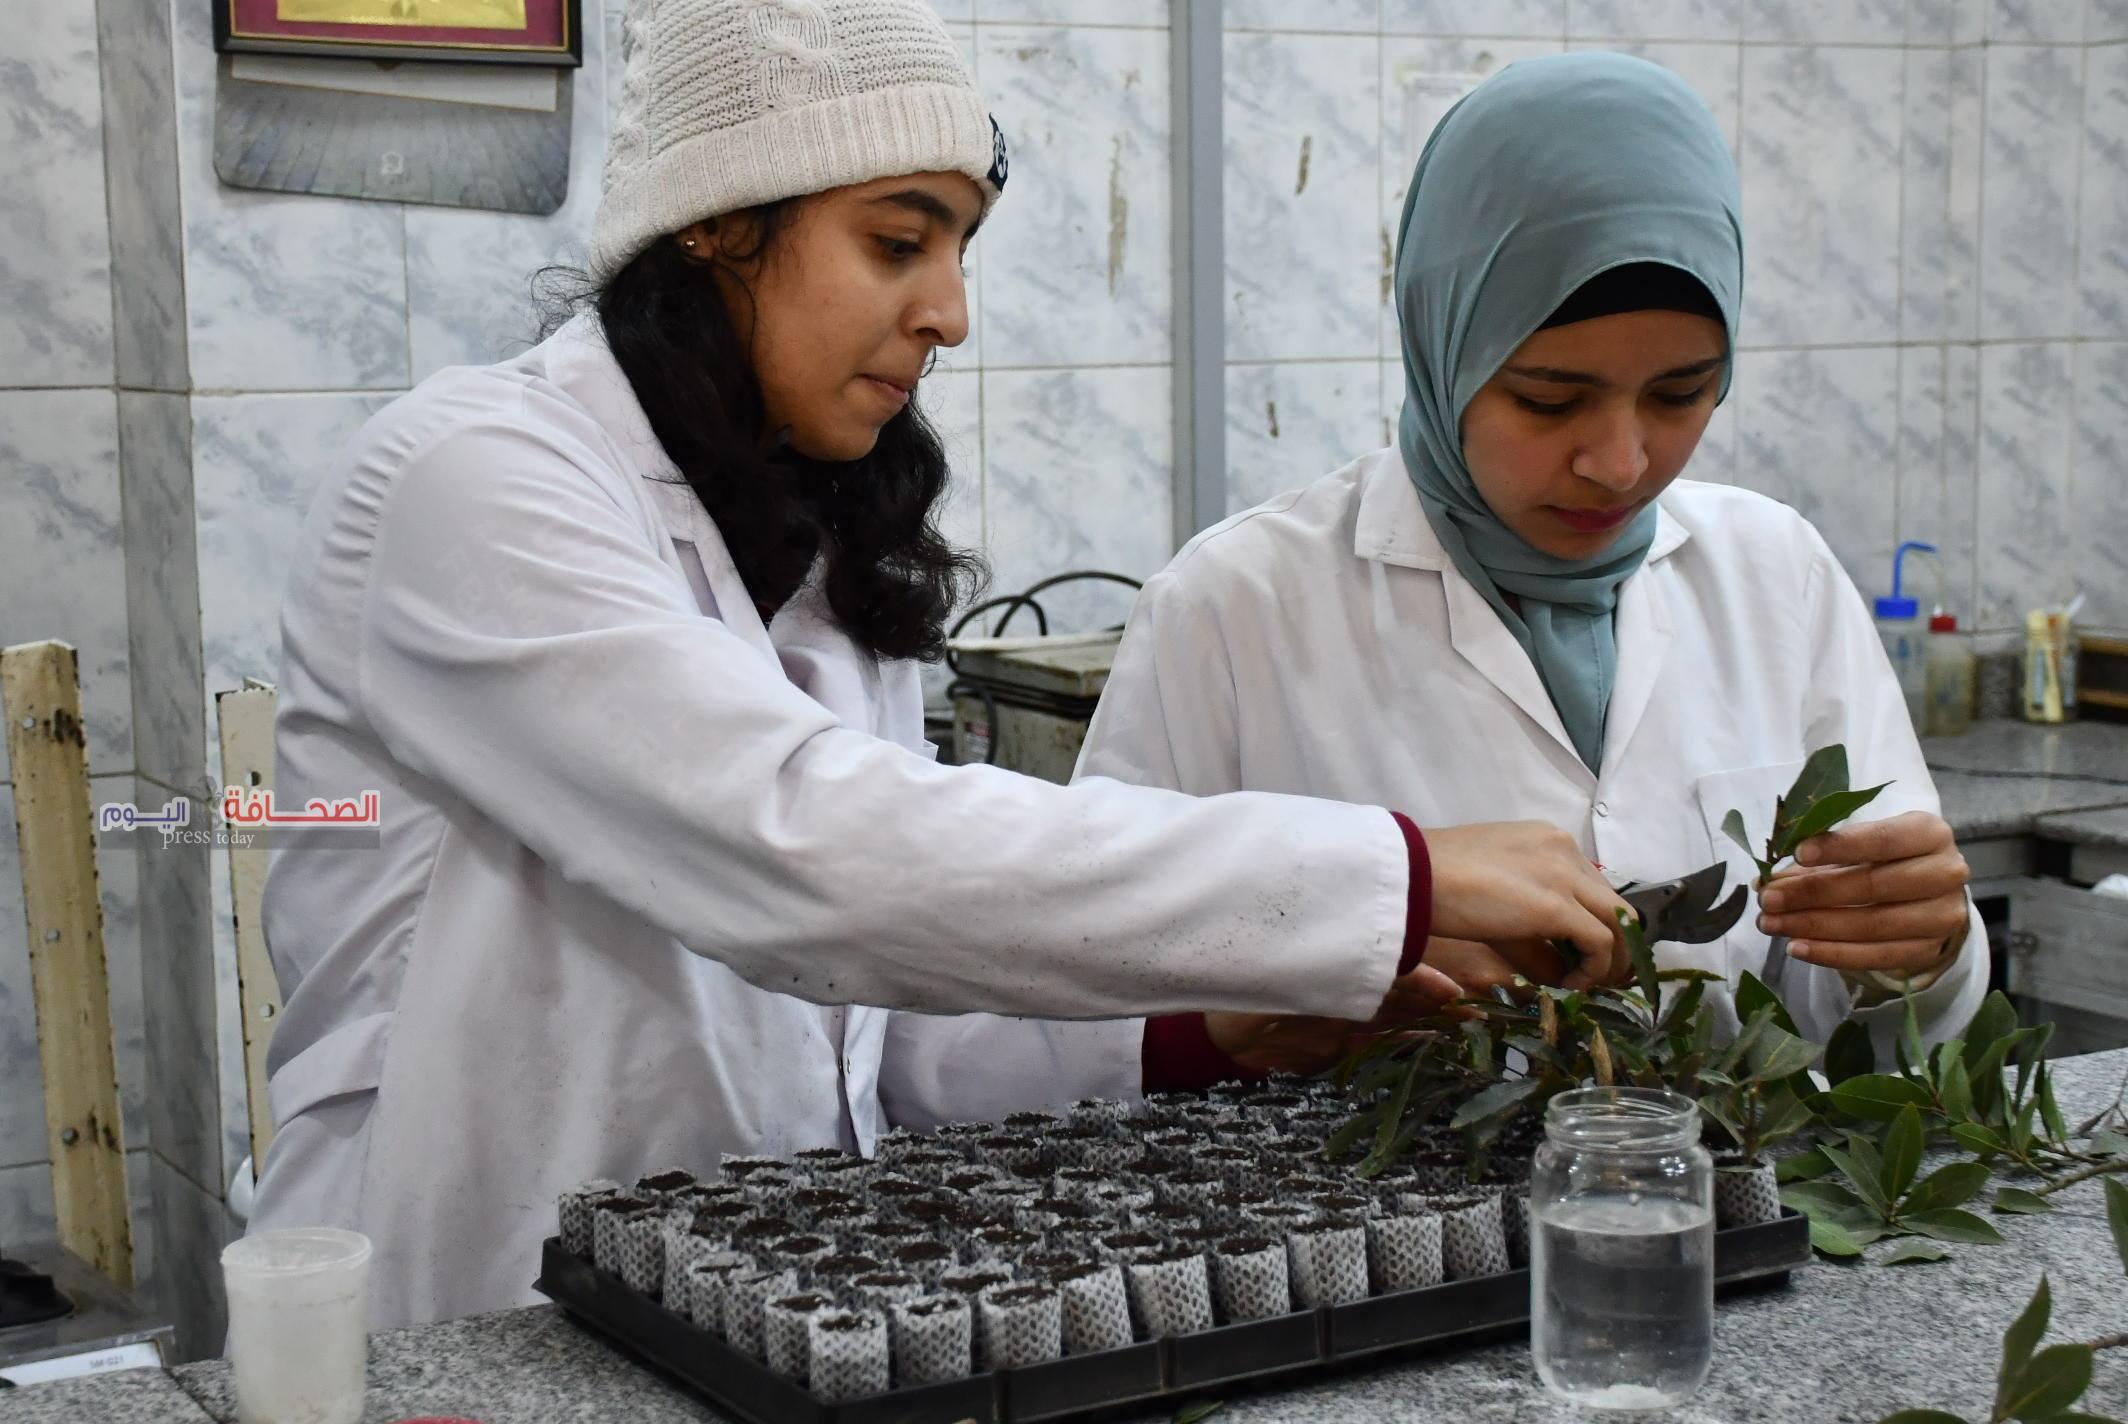 بالصور .. تدريب أوائل كلية الزراعة على أحدث أساليب زراعة أنسجة نباتات الزينة